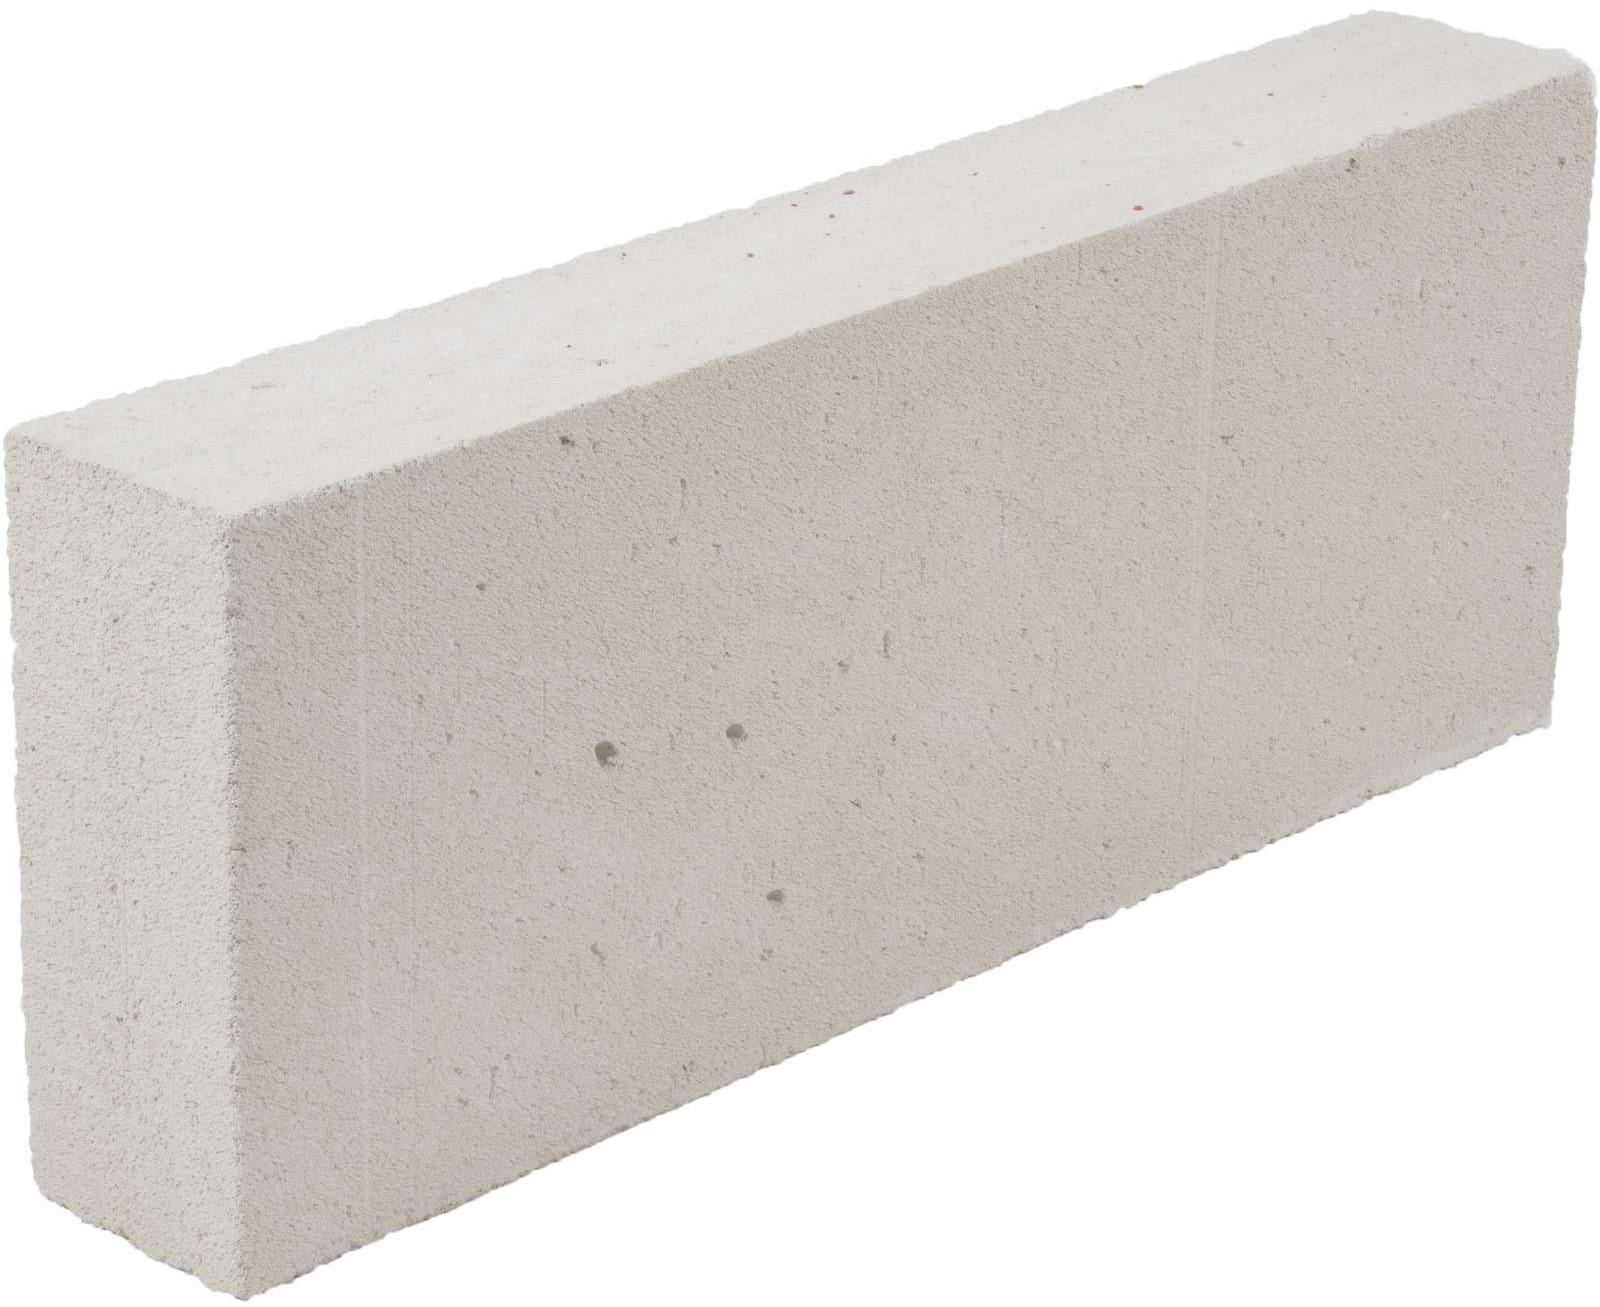 Купить Блок газобетонный Эко D500, размер 600х250х50 мм — Фото №1